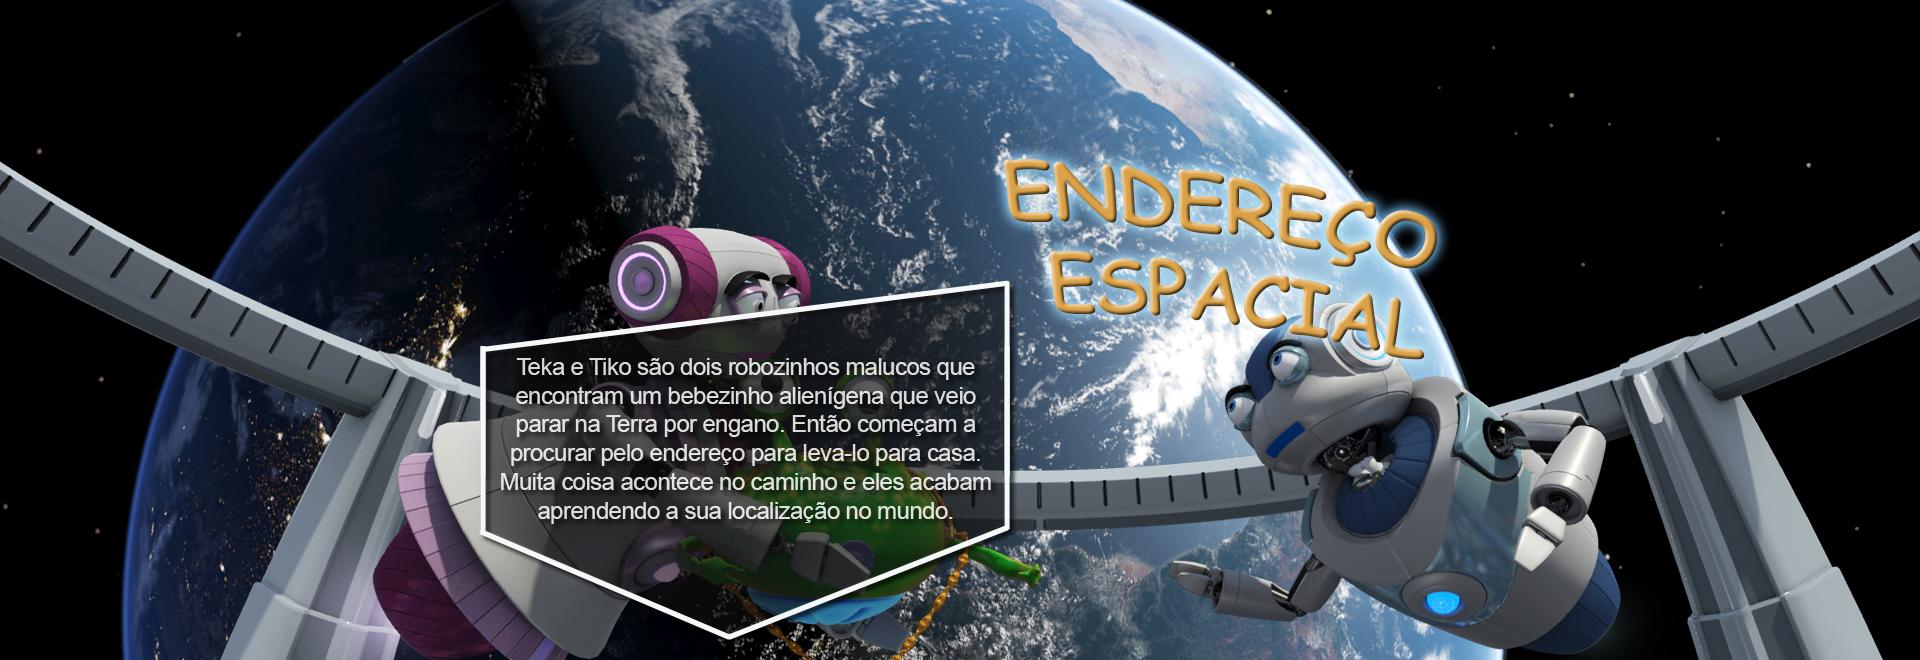 banner-endereco-espacial-660